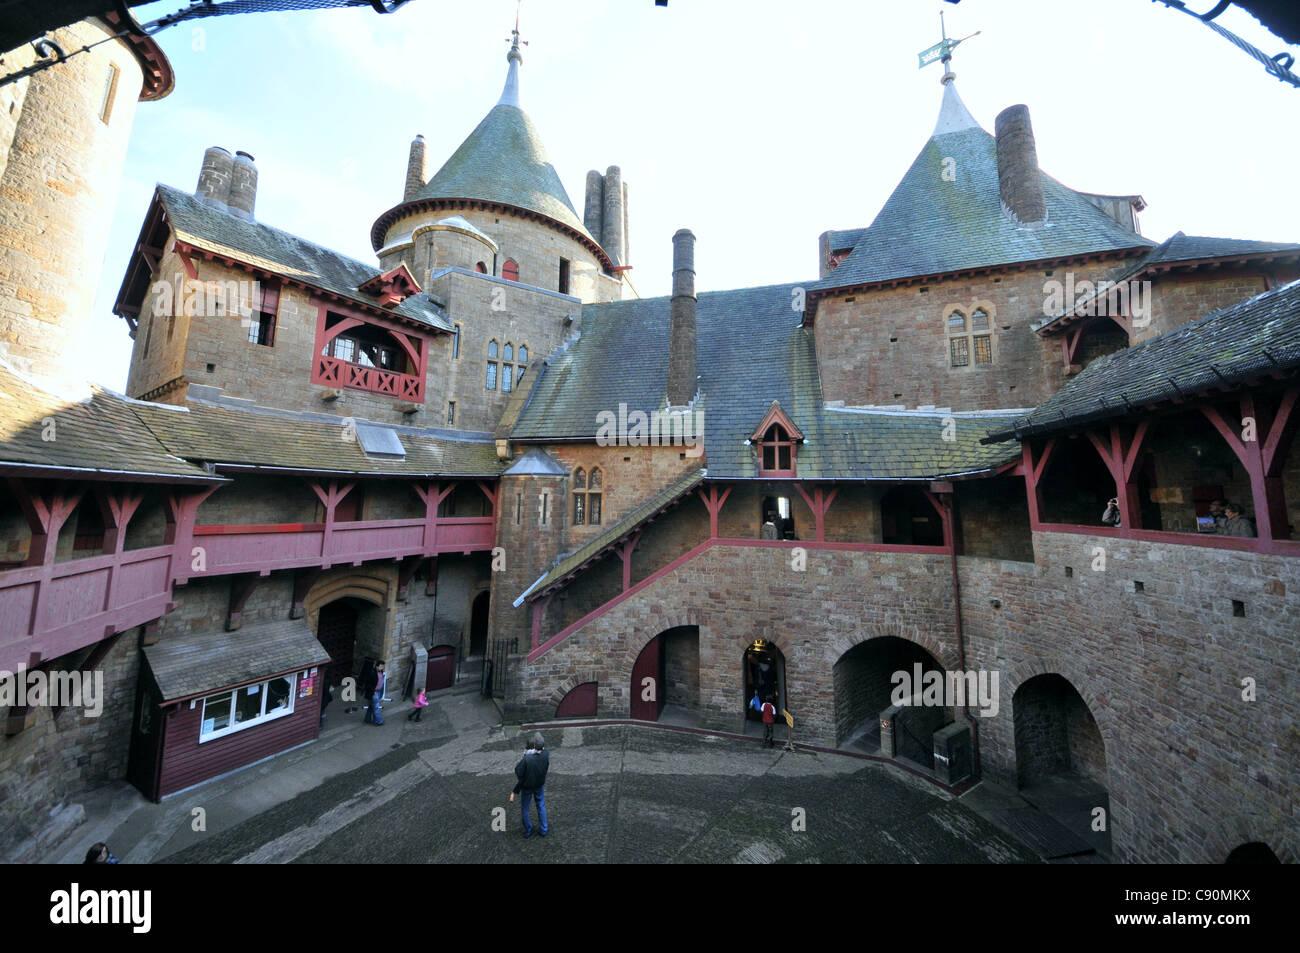 Castell Coch 19. Jahrhundert neugotischen Schloss erbaut auf den Resten einer echten 13. Jahrhundert Festung in Stockbild